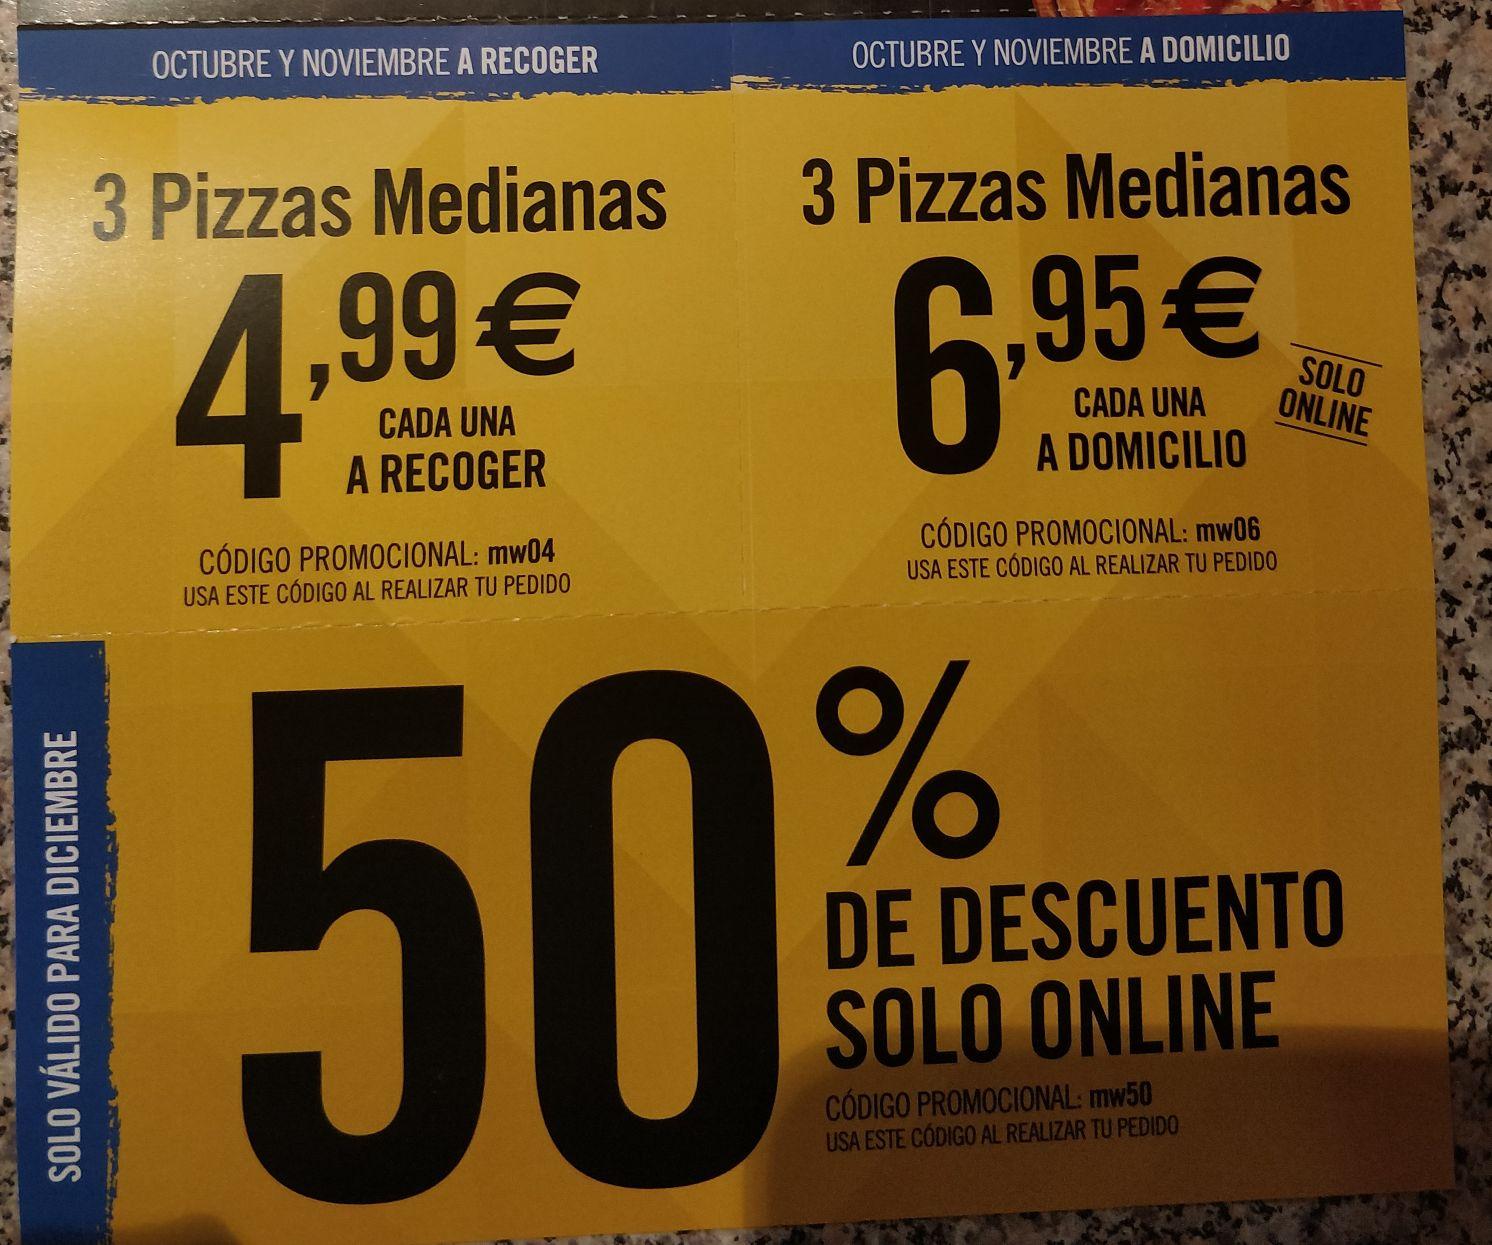 Cupones Domino's Pizza octubre noviembre y diciembre